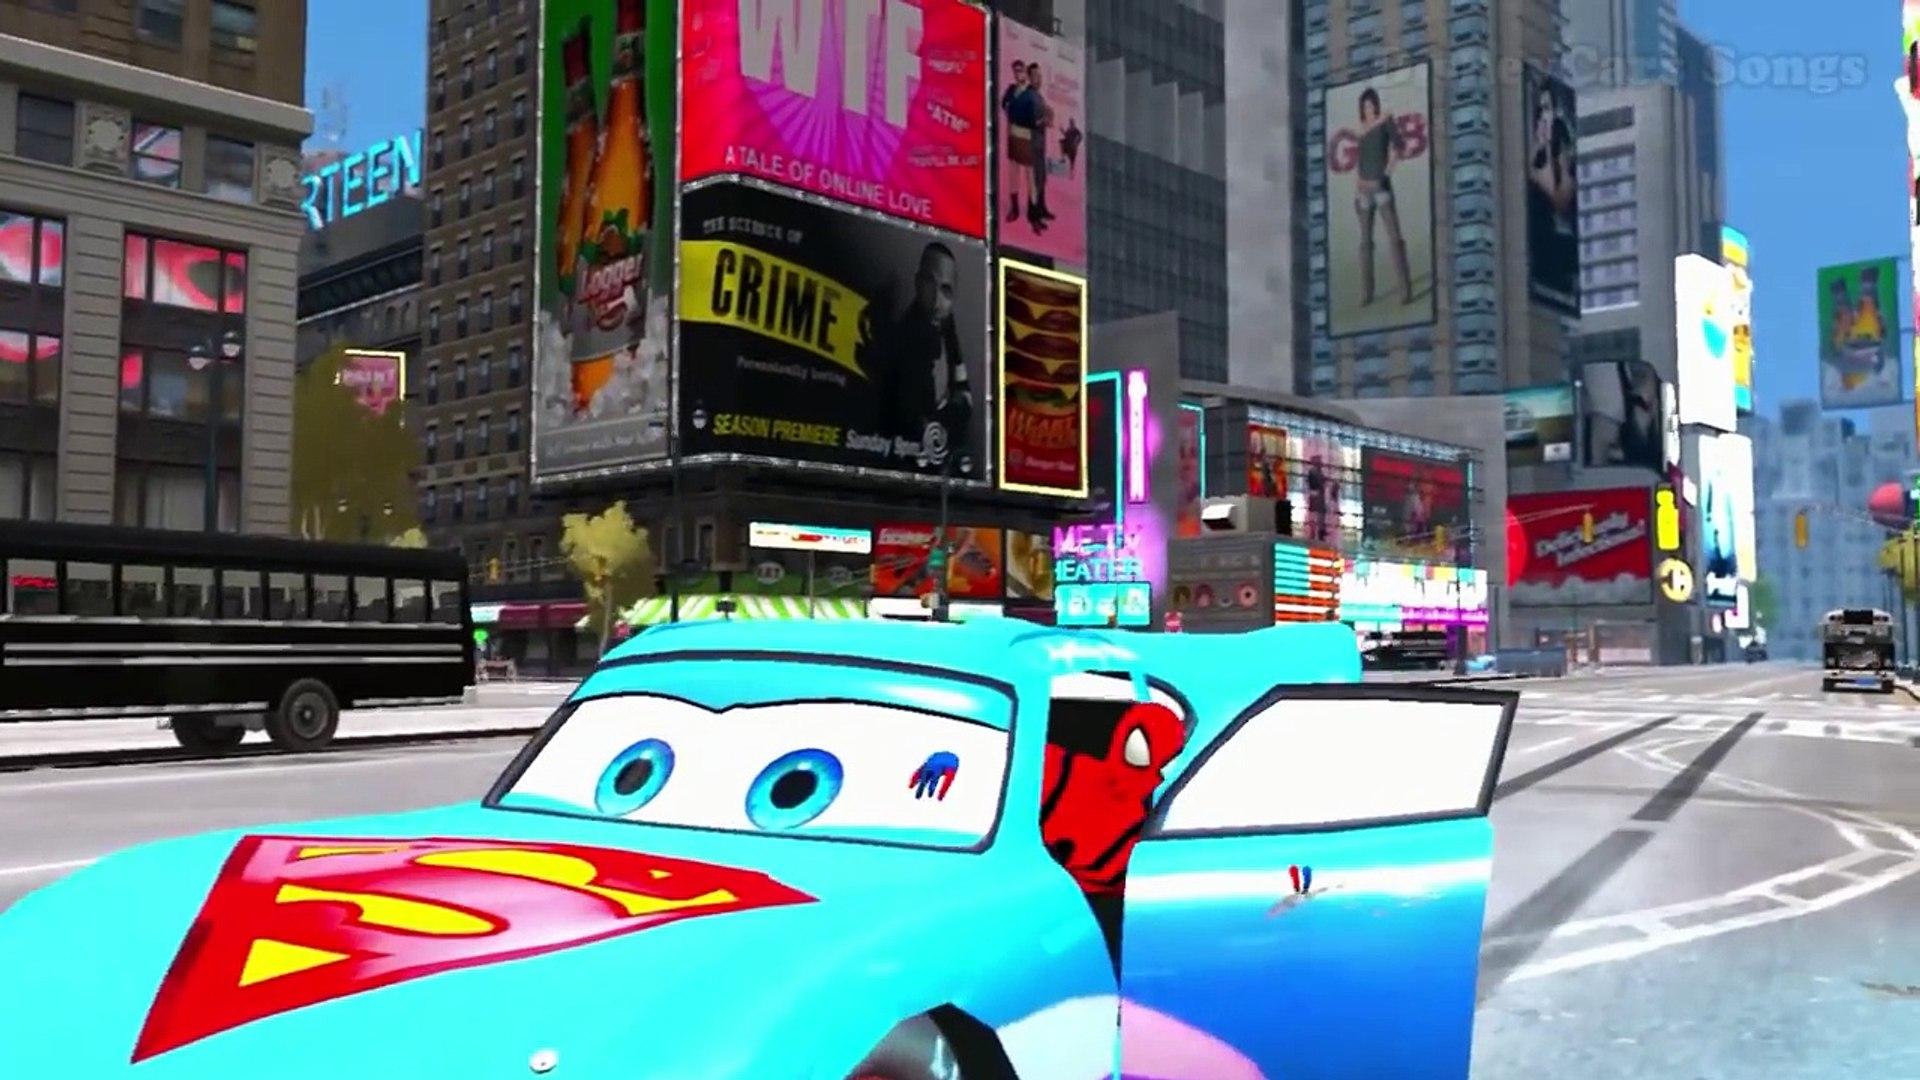 И анимация легковые автомобили Дети дисней для весело Герой Гудзон я я я и в человек-паук